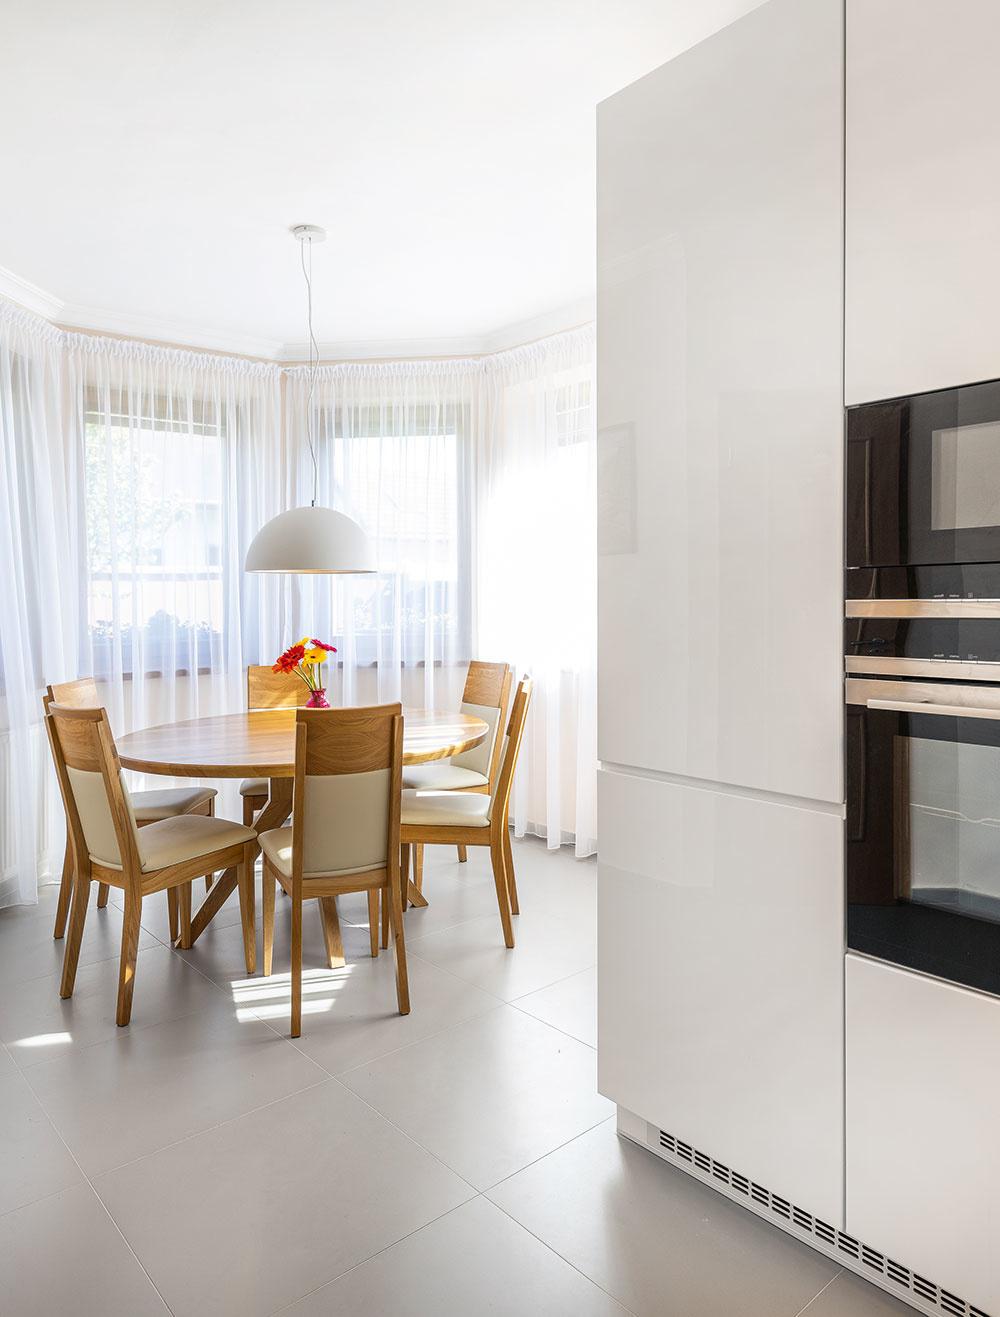 Jedáleň sokrúhlym stolom, čalúnenými stoličkami abielymi závesmi až po zem nadväzuje na kuchyňu. Jednoduché tvary afarebnosť sprevahou bielej dodali interiéru vzdušnosť anavodili pokojnú atmosféru, striedmo aprakticky zariadený priestor sa navyše dobre udržiava.